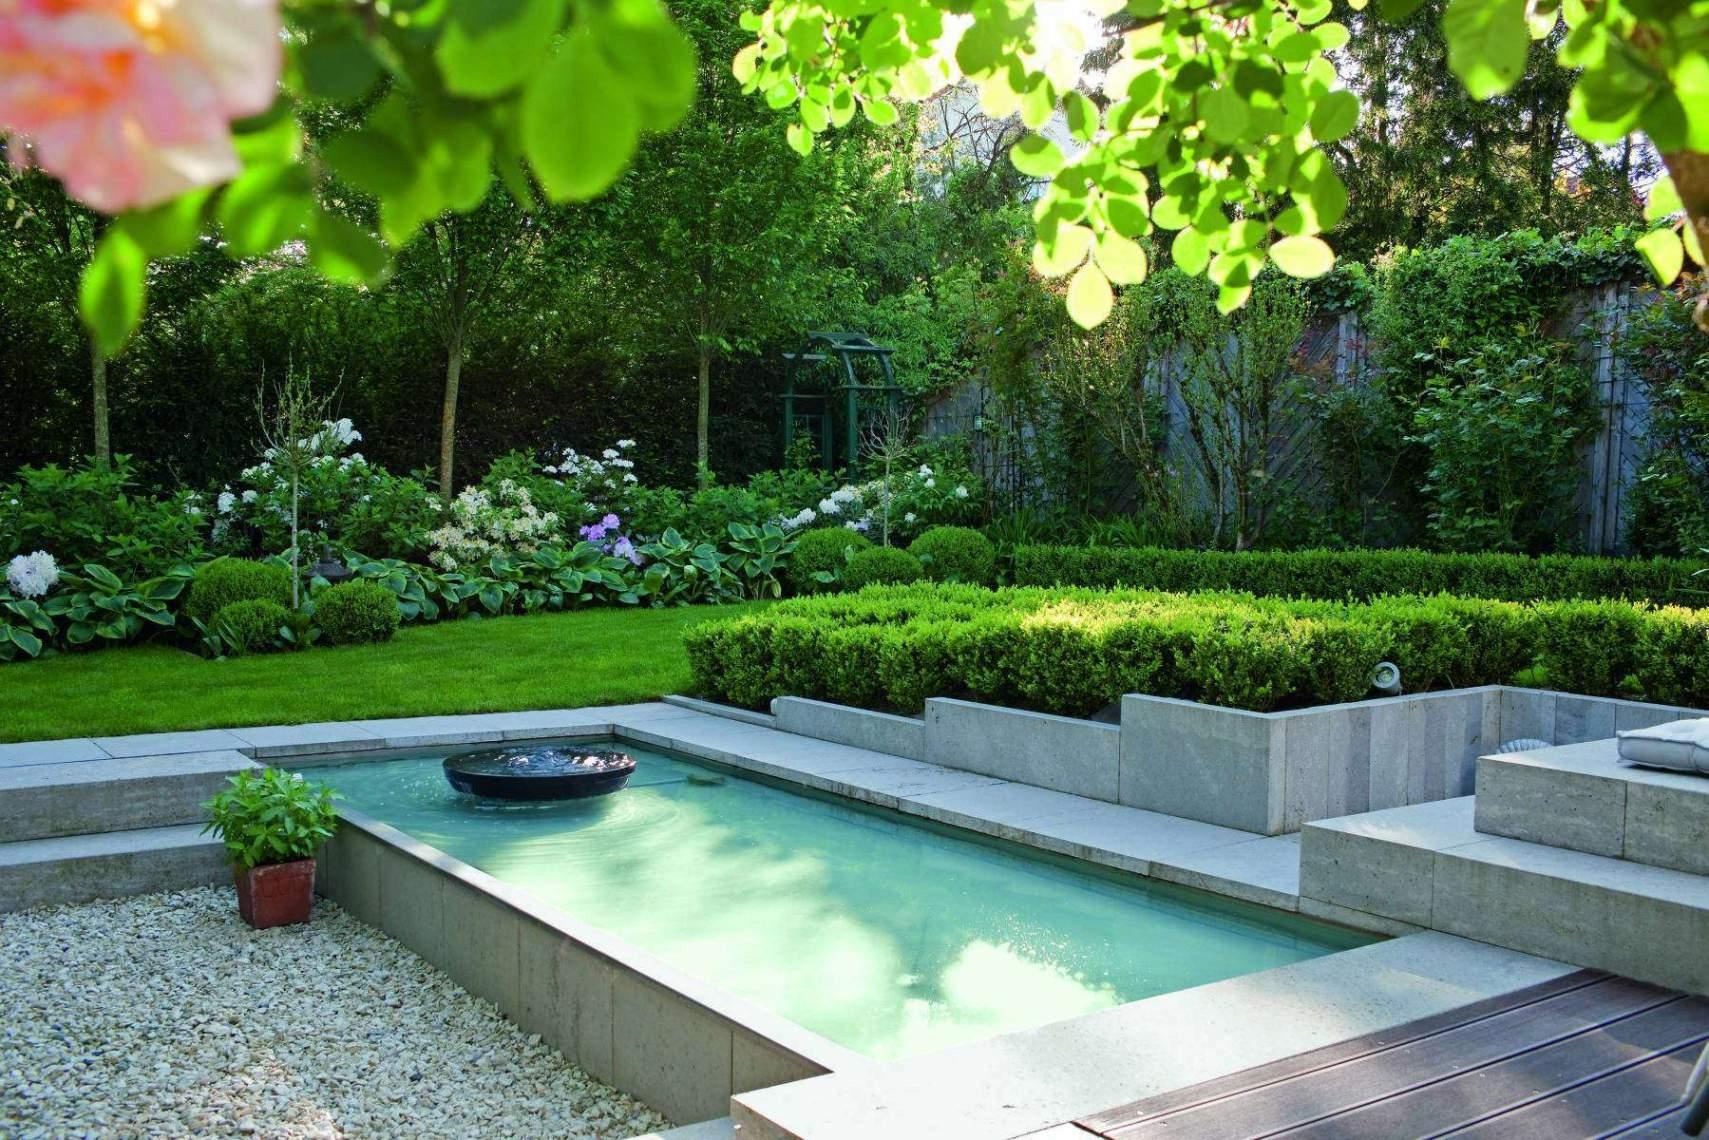 Metall Deko Für Garten Inspirierend 38 Das Beste Von Schwimmingpool Für Garten Schön